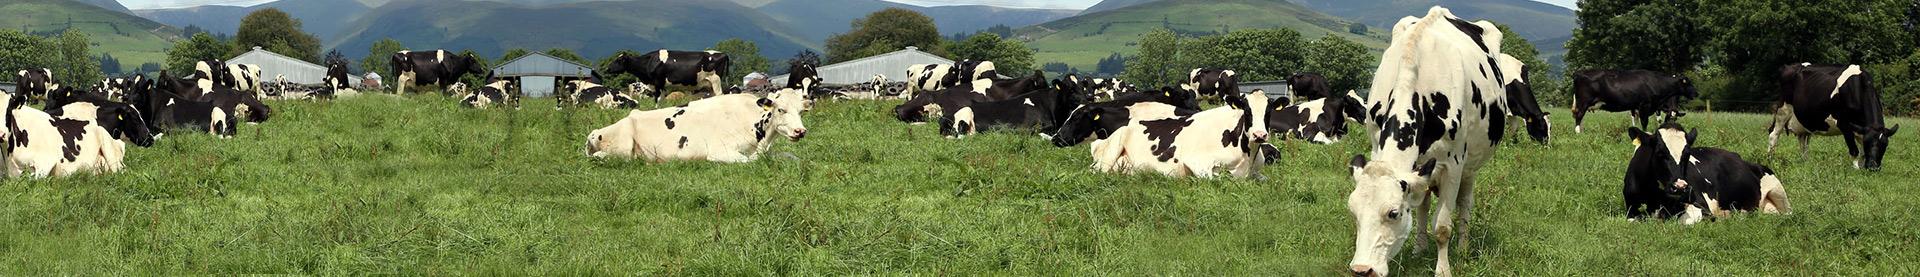 Munster Cattle Breeding Group